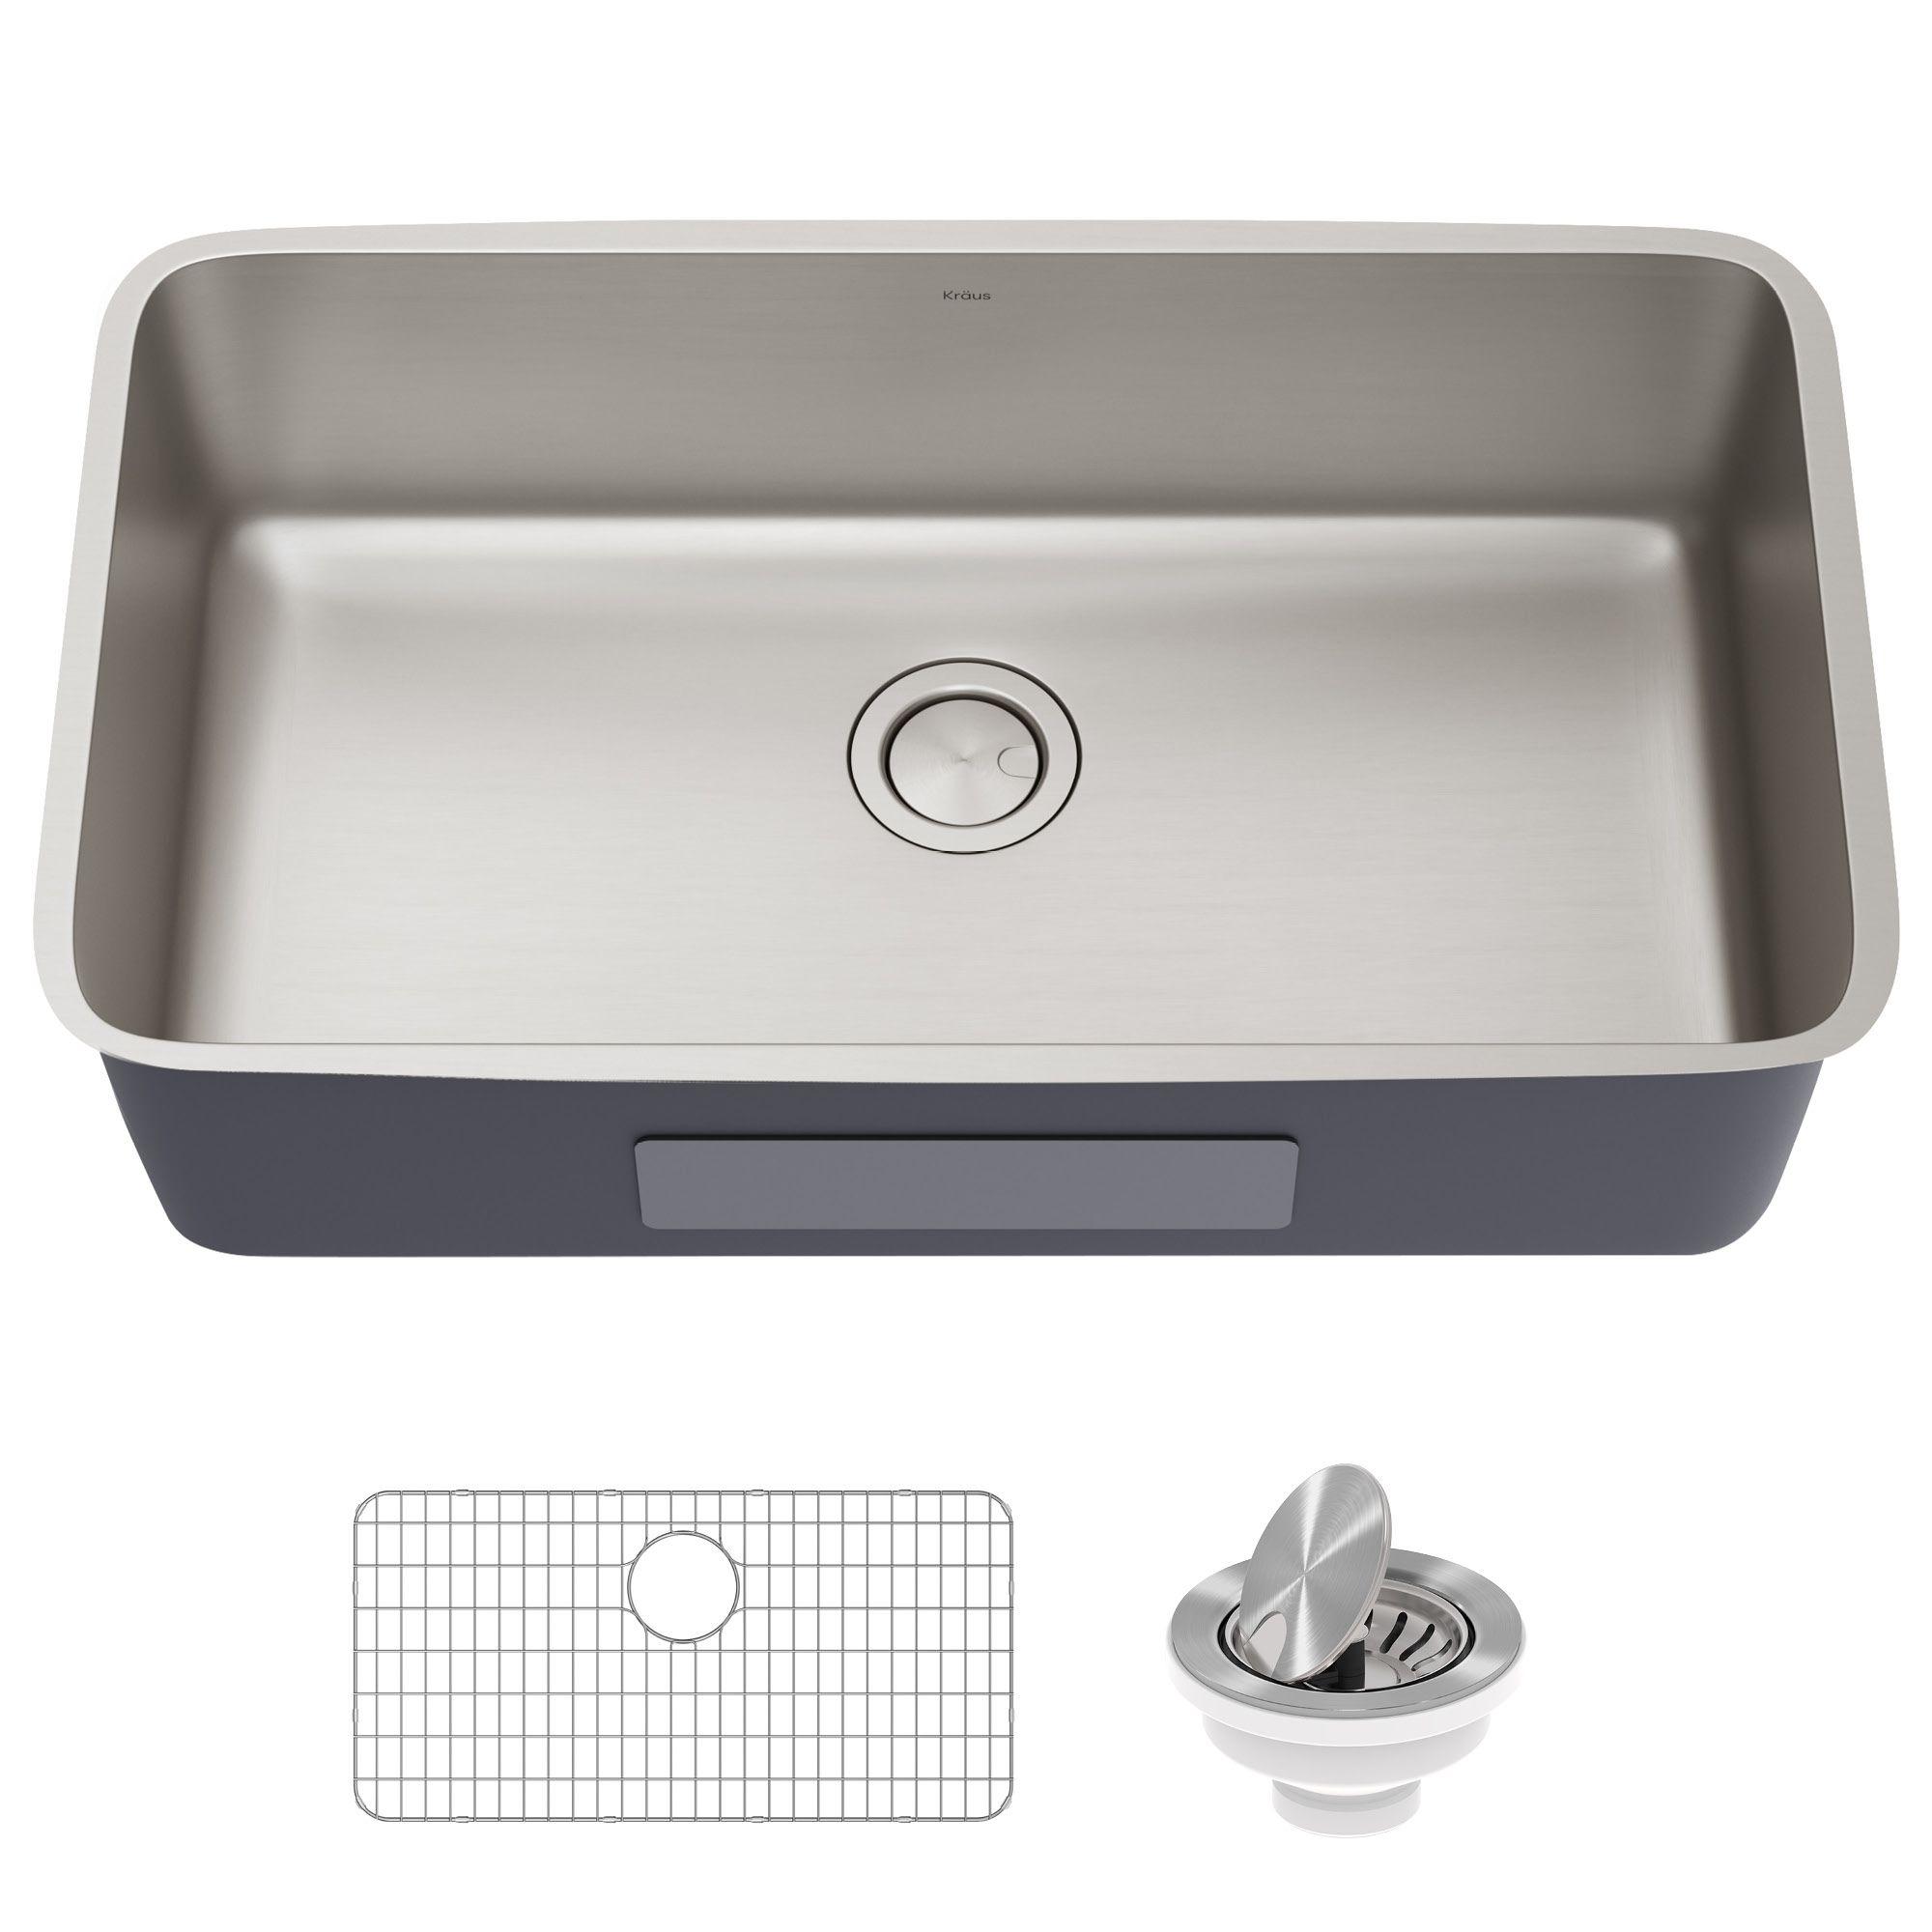 33 Undermount 16 Gauge Antibacterial Stainless Steel Single Bowl Kitchen Sink In 2021 Clean Kitchen Sink Washing Dishes Kitchen Safe